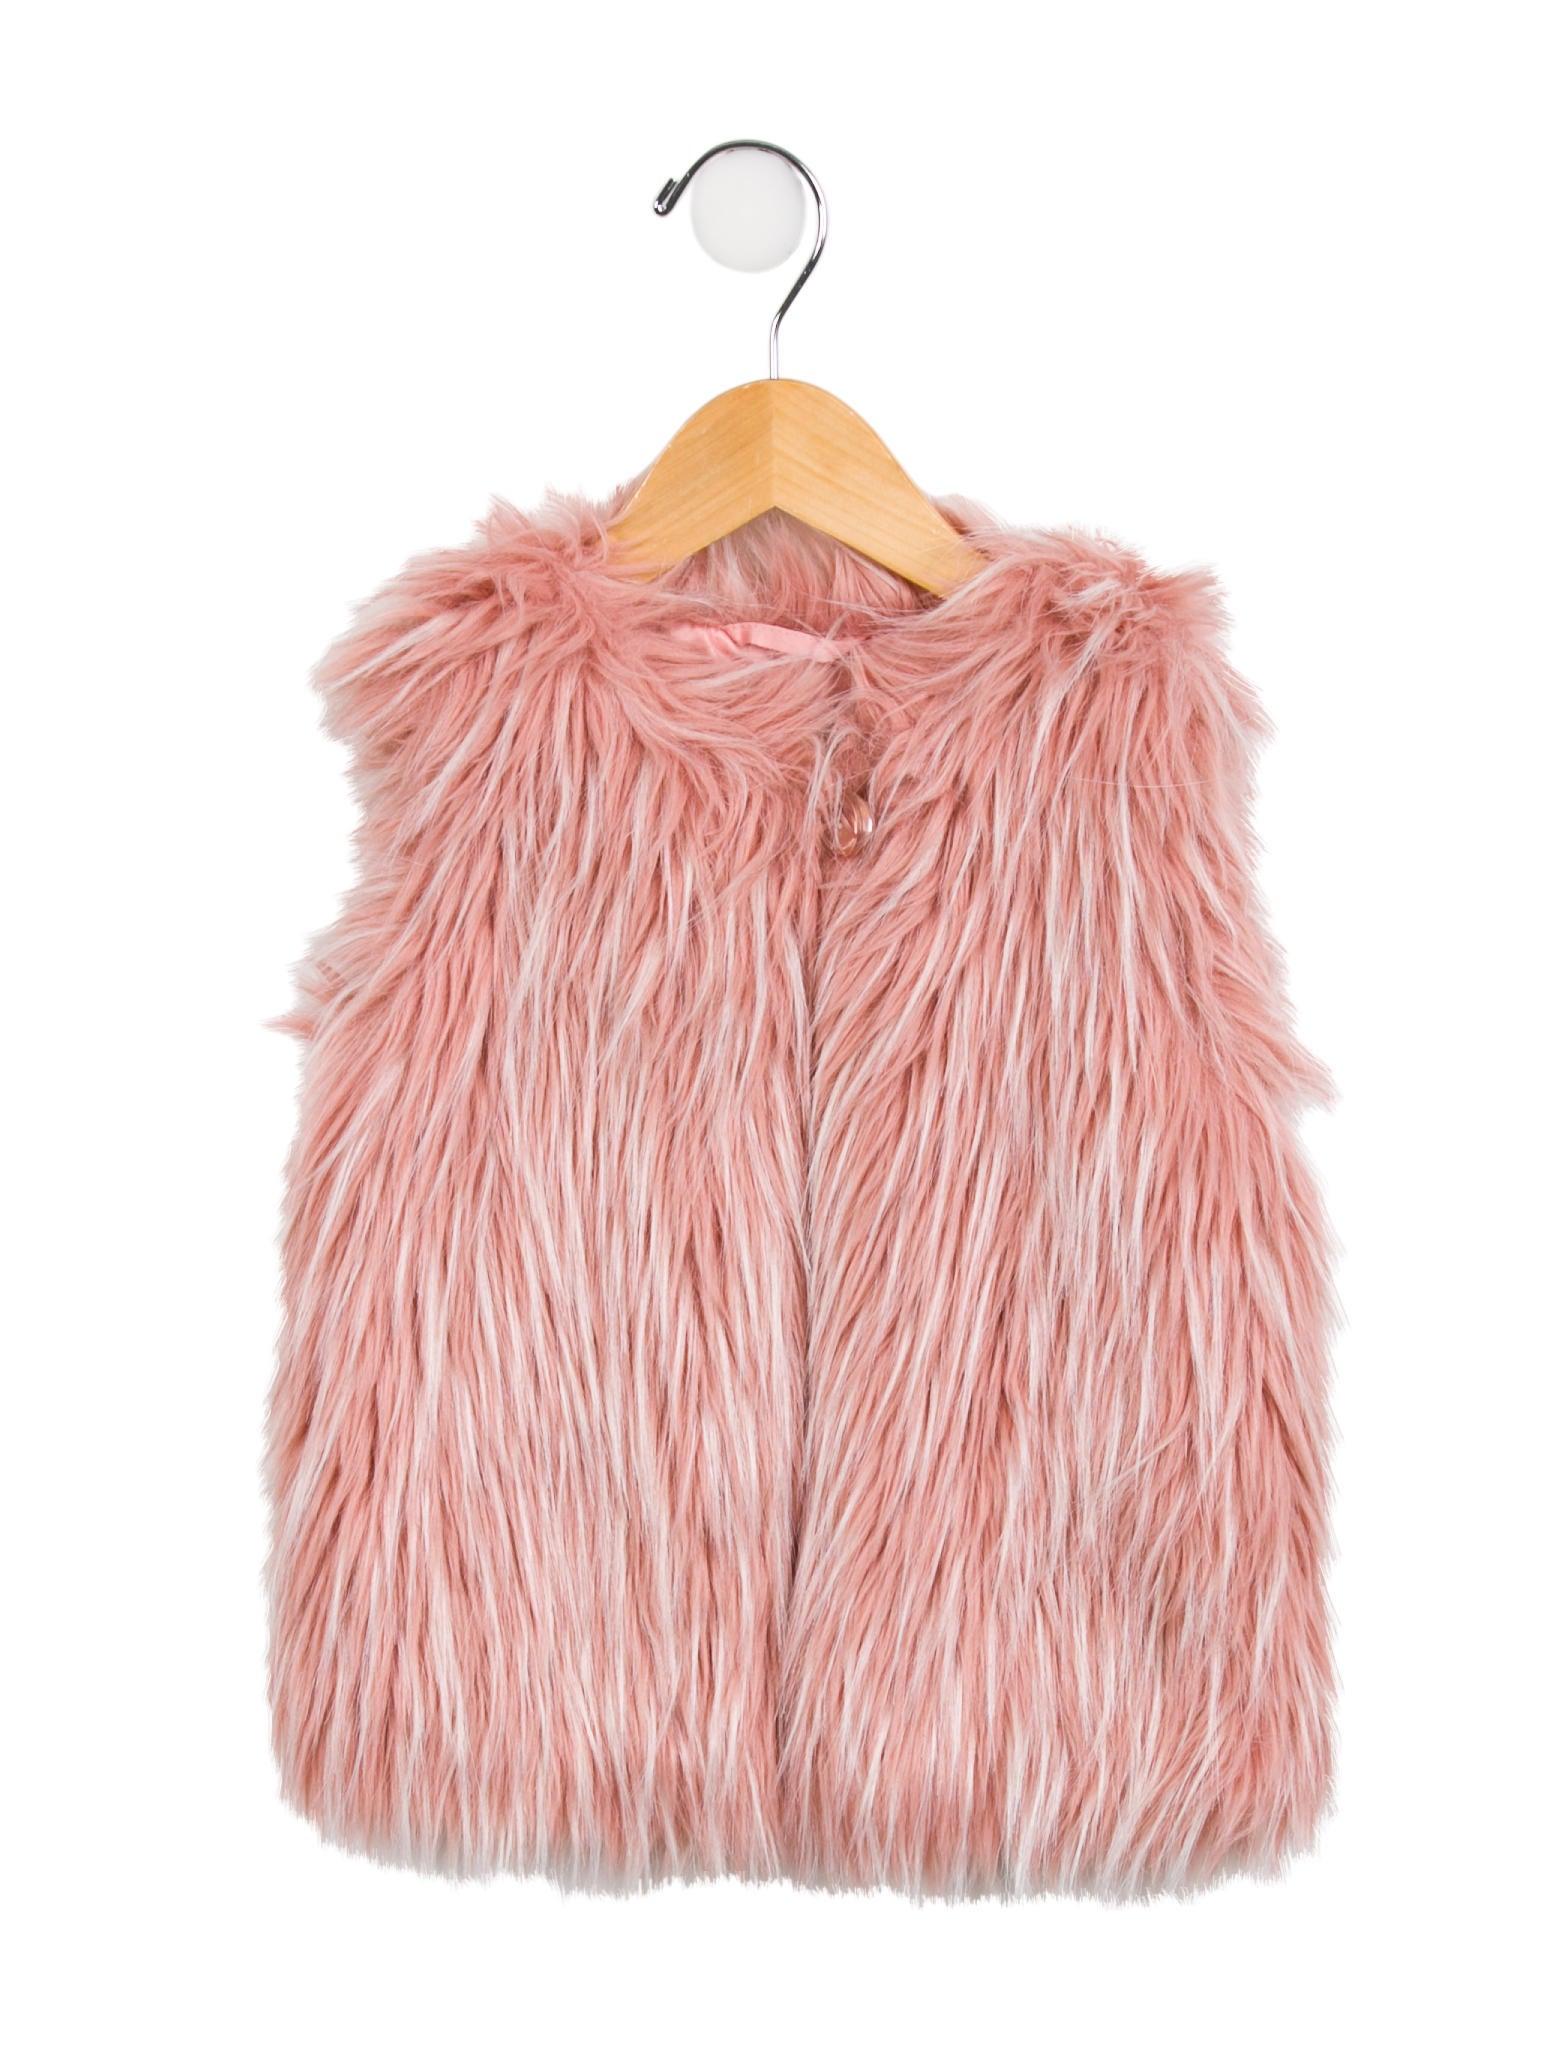 ce88b15dc27 Little Marc Jacobs Girls' Faux Fur Vest - Girls - WLIMJ21509 | The ...